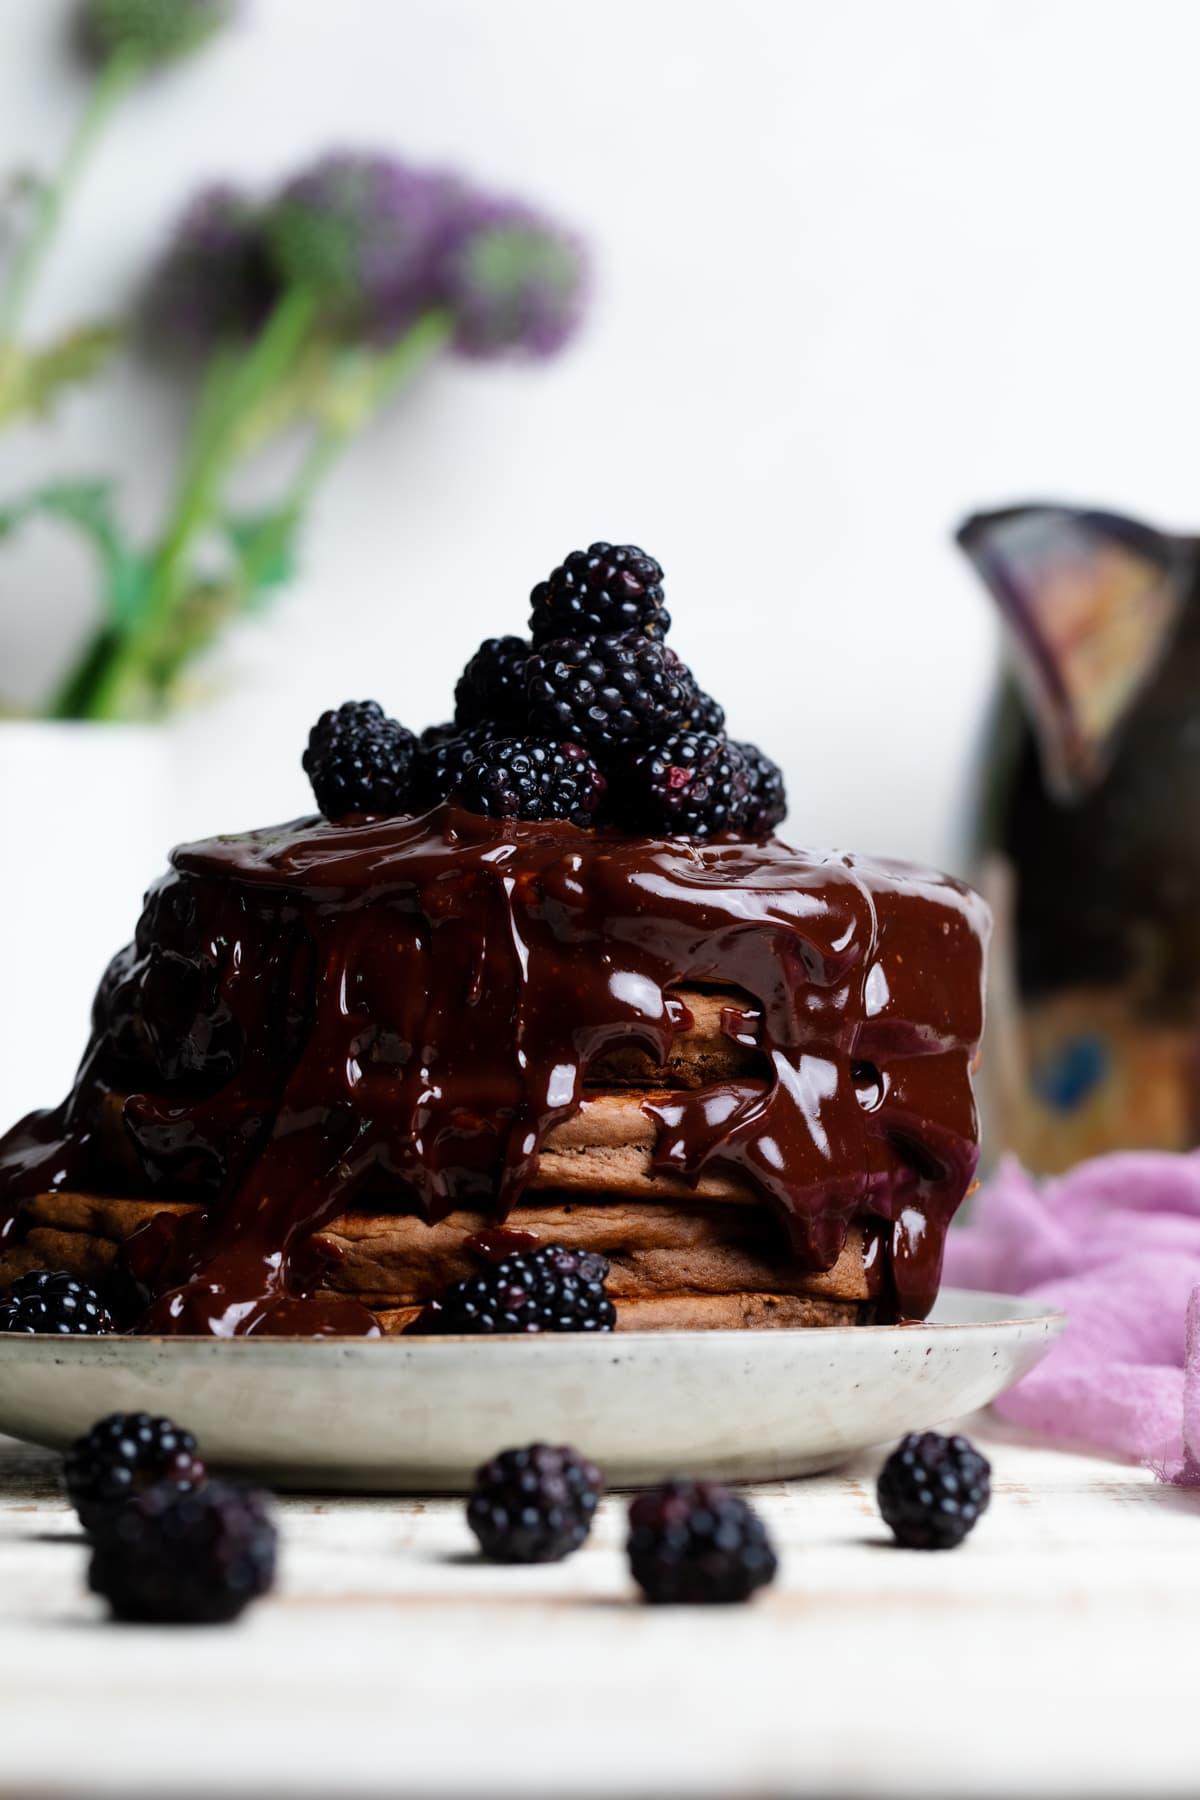 Vegan Chocolate Pancakes with Blackberries